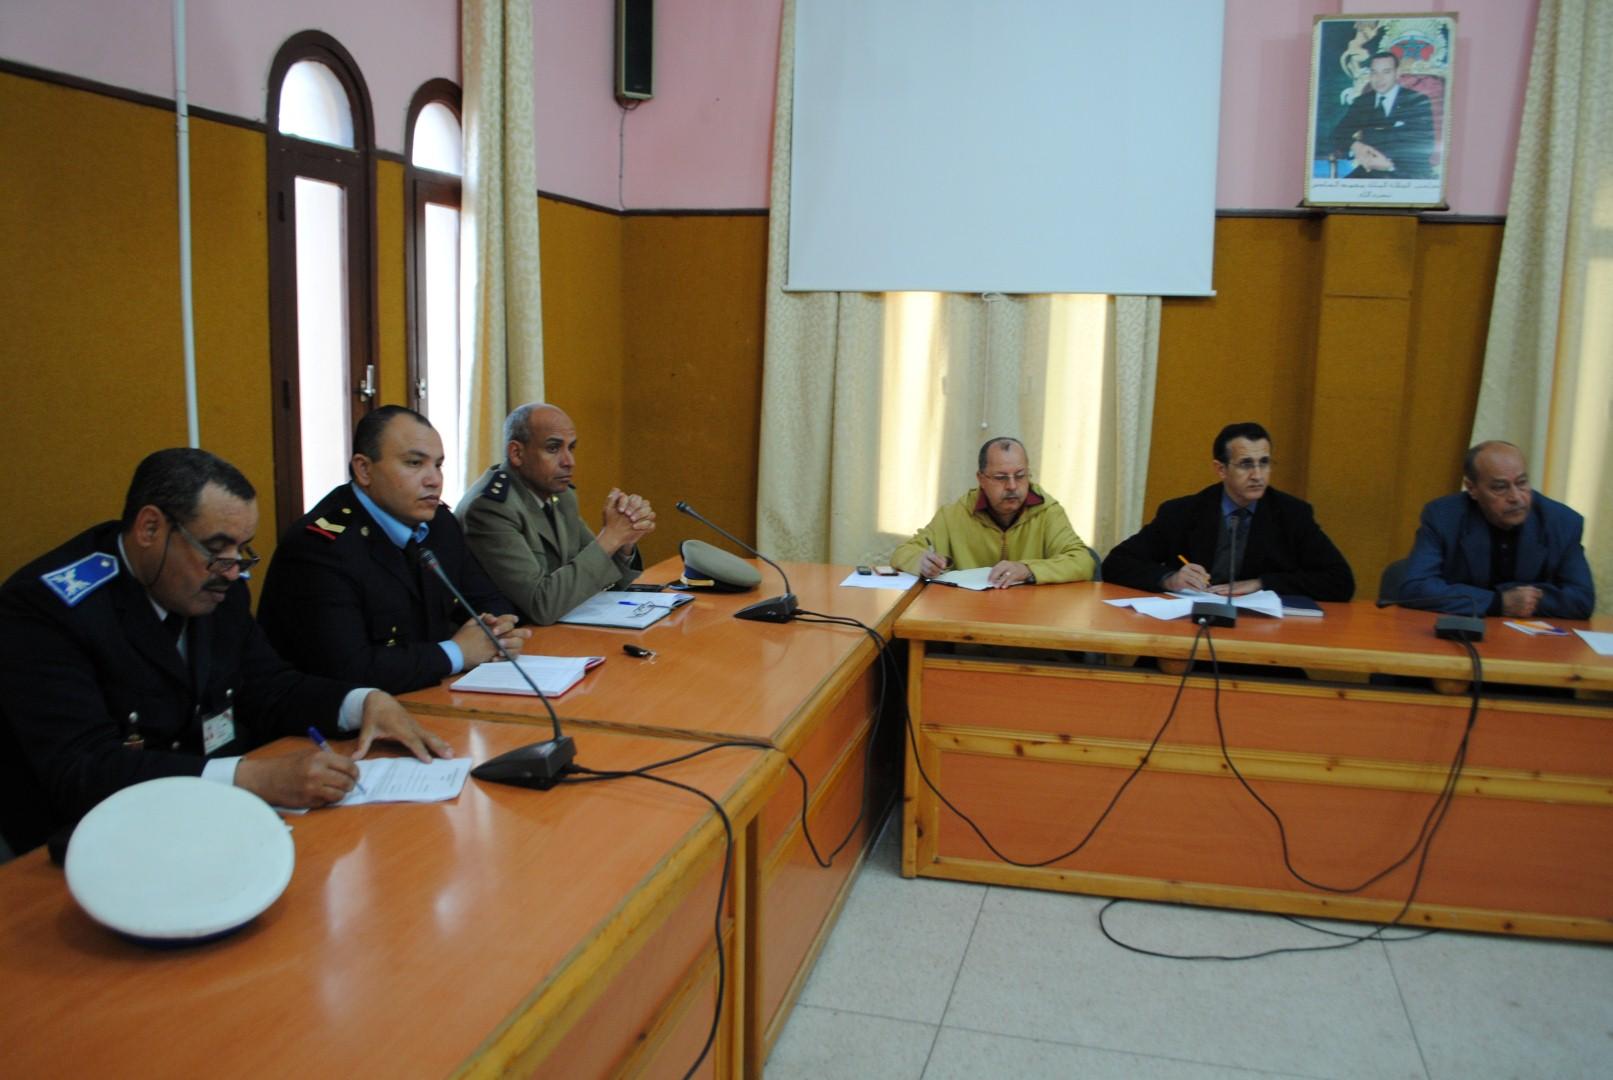 بلدية تيزنيت تستعد لليوم الوطني للسلامة الطرقية